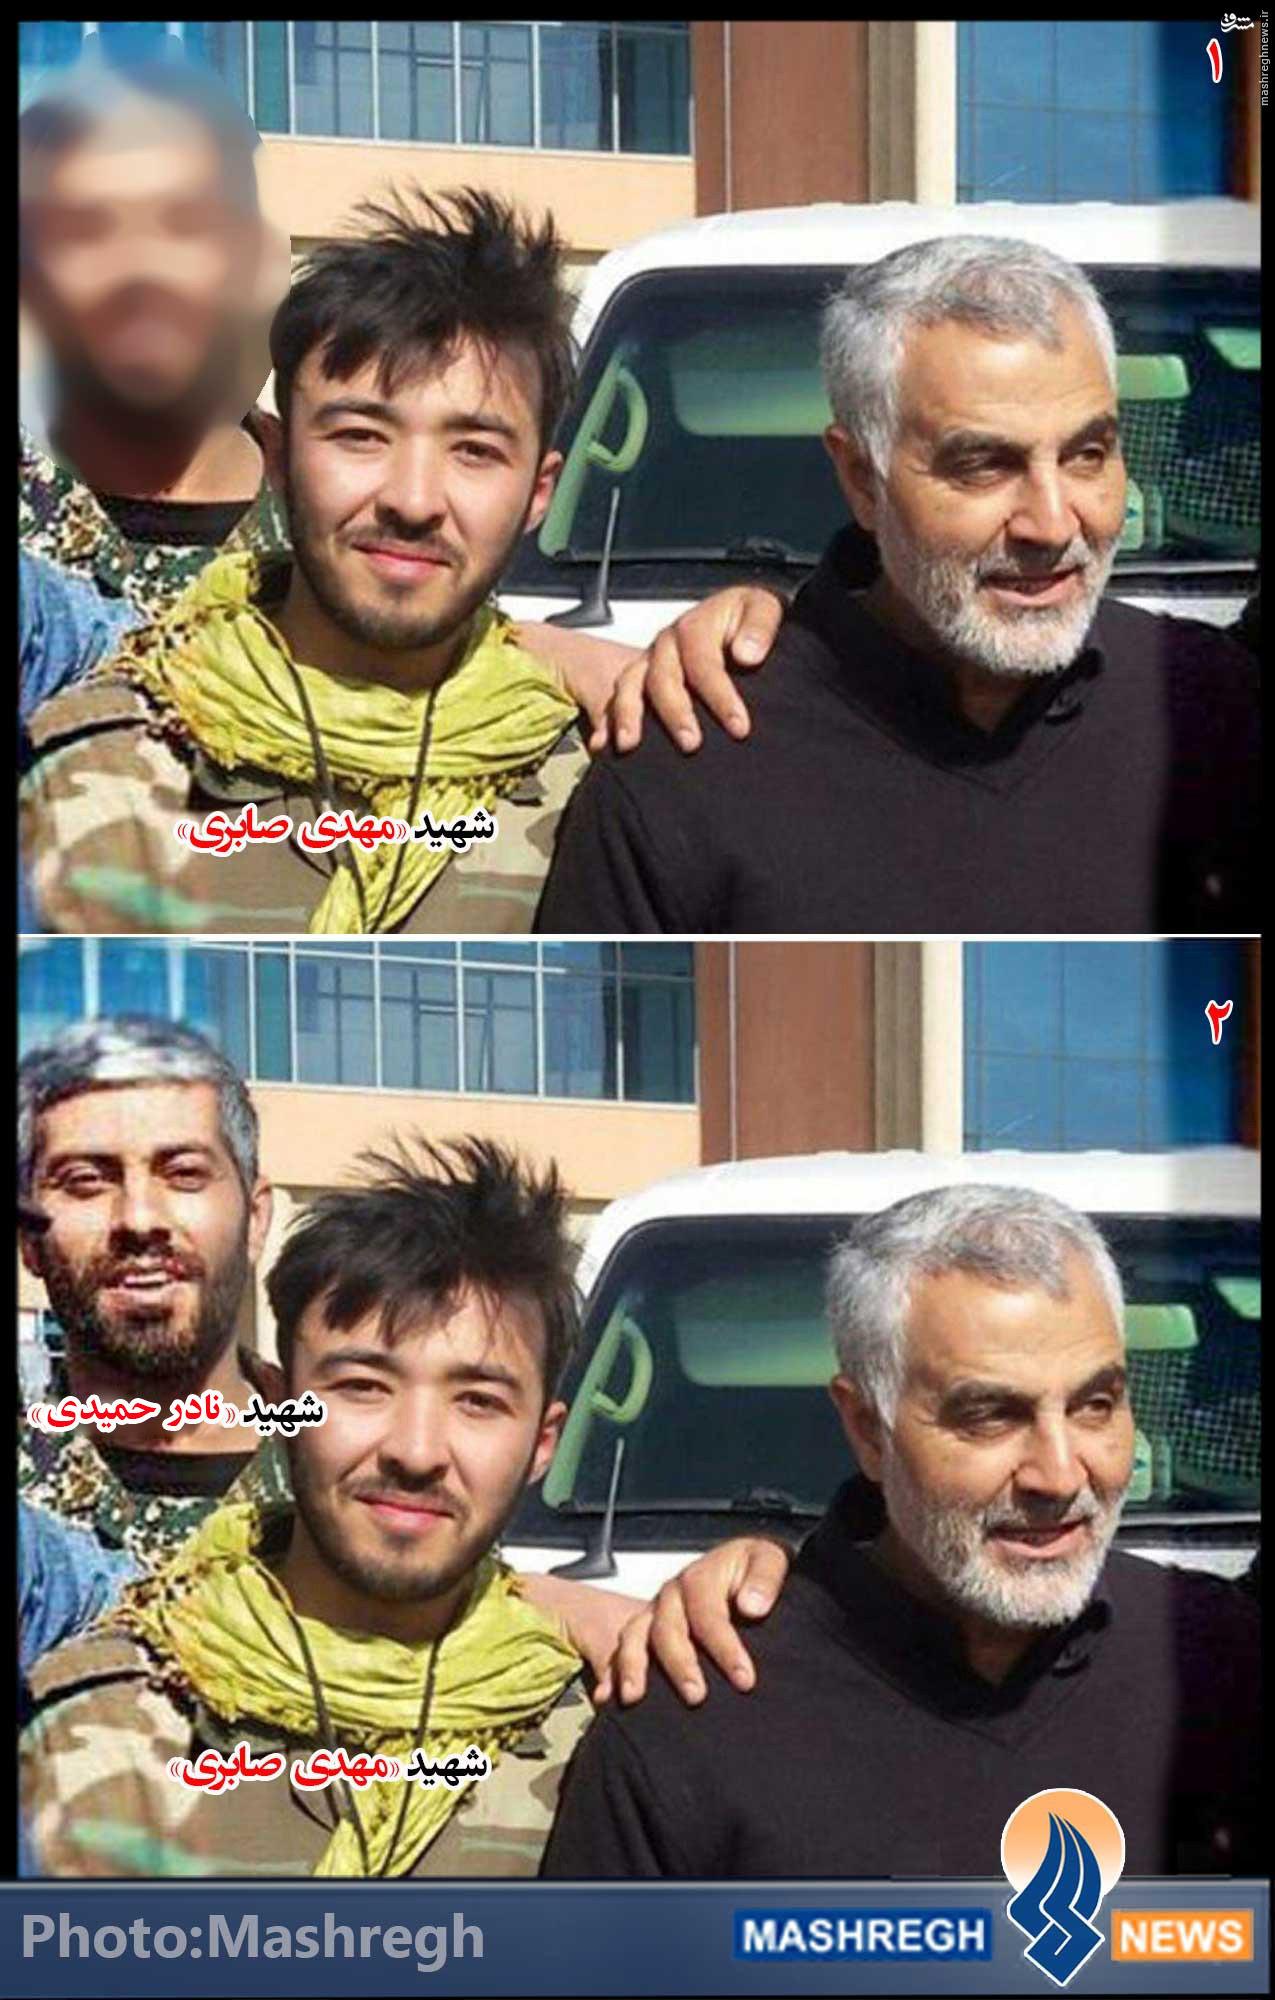 عکس/ باز هم تصاویری کامل شد